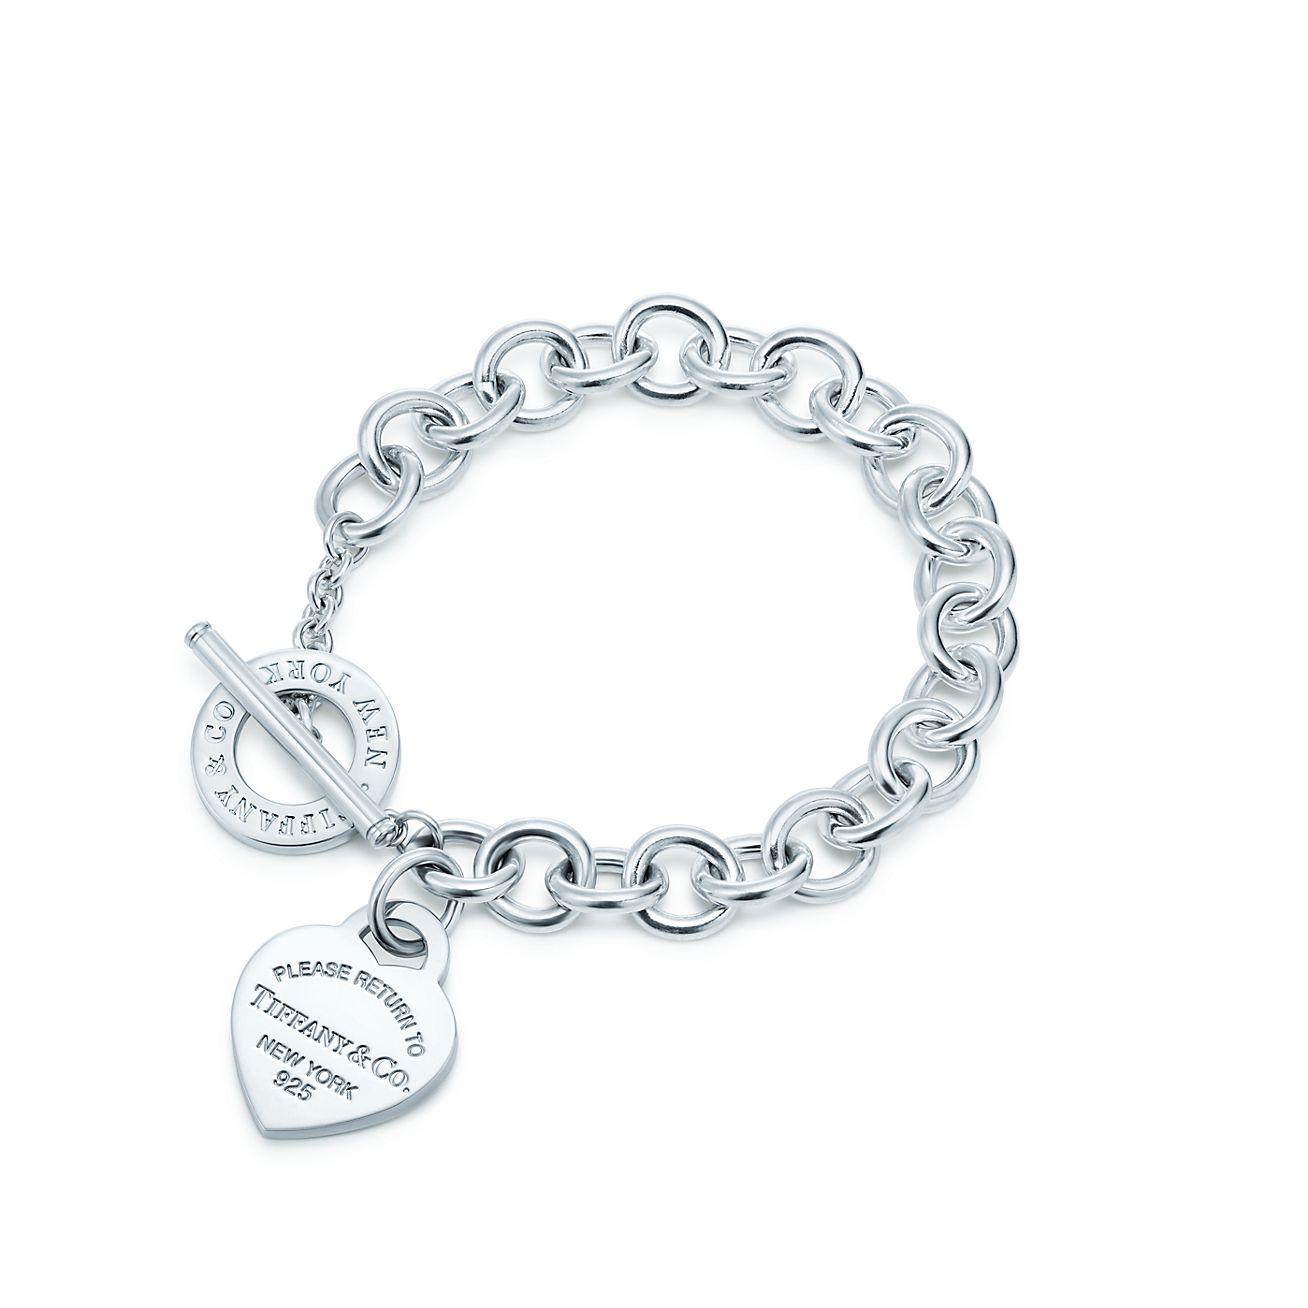 Tiffany schmuck  Armband mit Herzanhänger und Knebelverschluss in Sterlingsilber ...